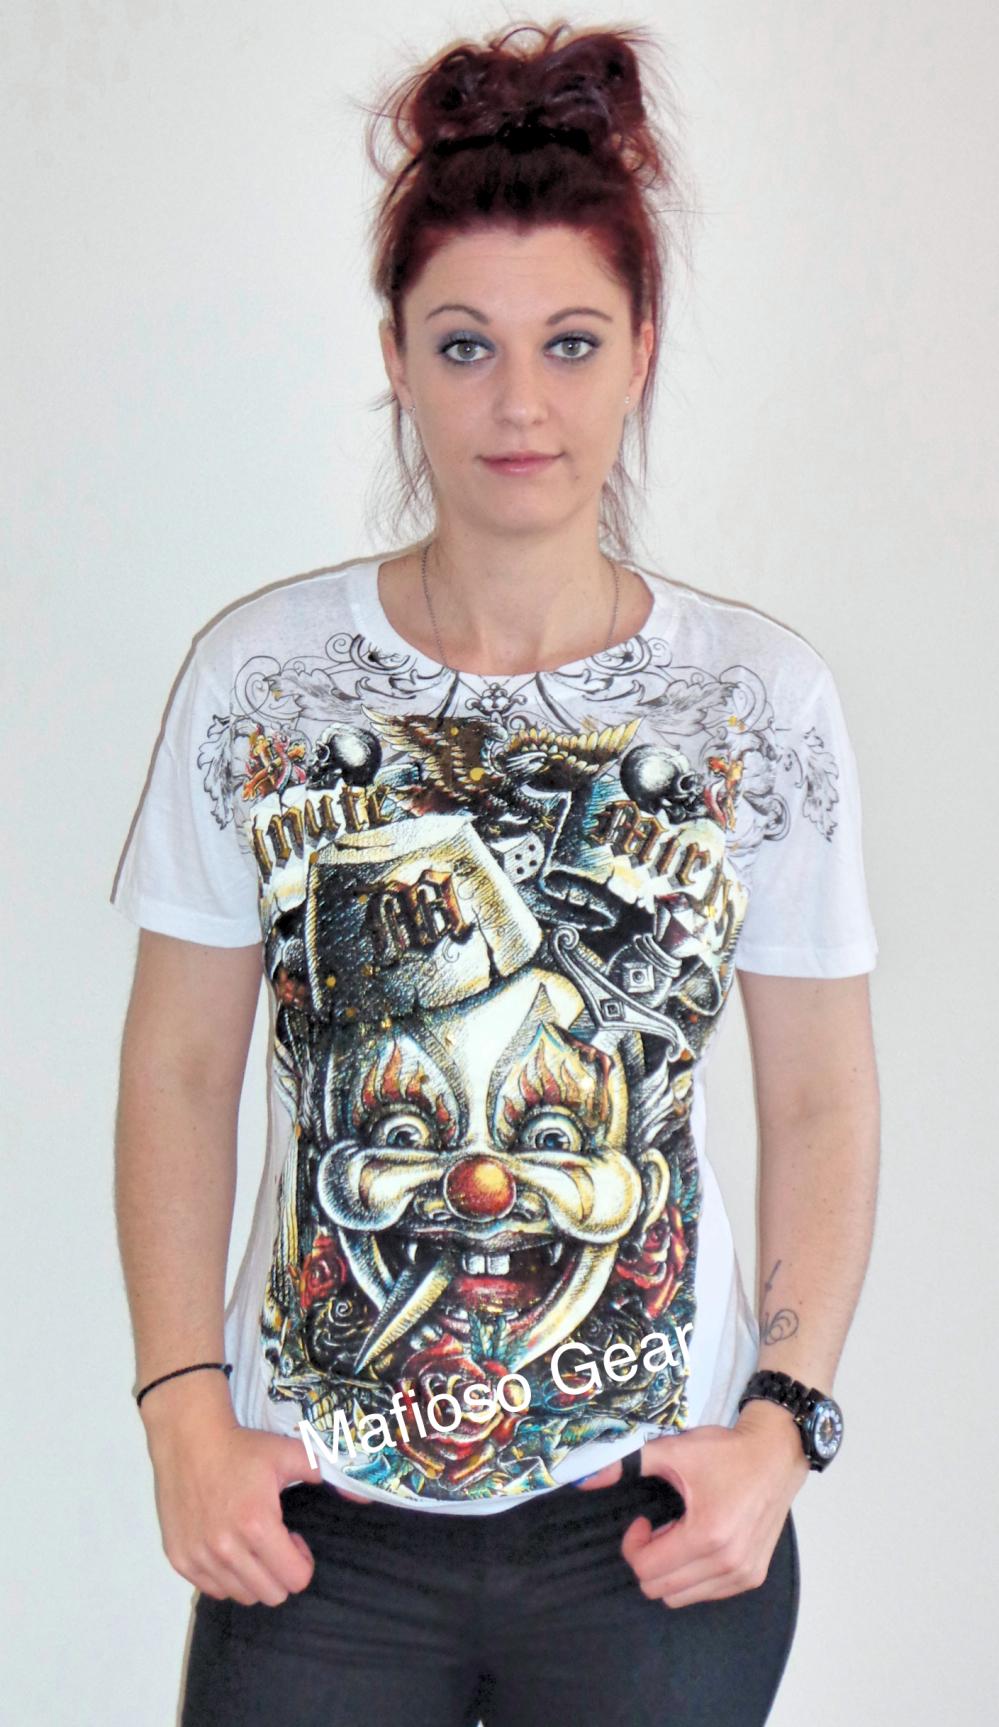 psychotic_clown_t_shirt_unisex__t_shirts_6.jpg